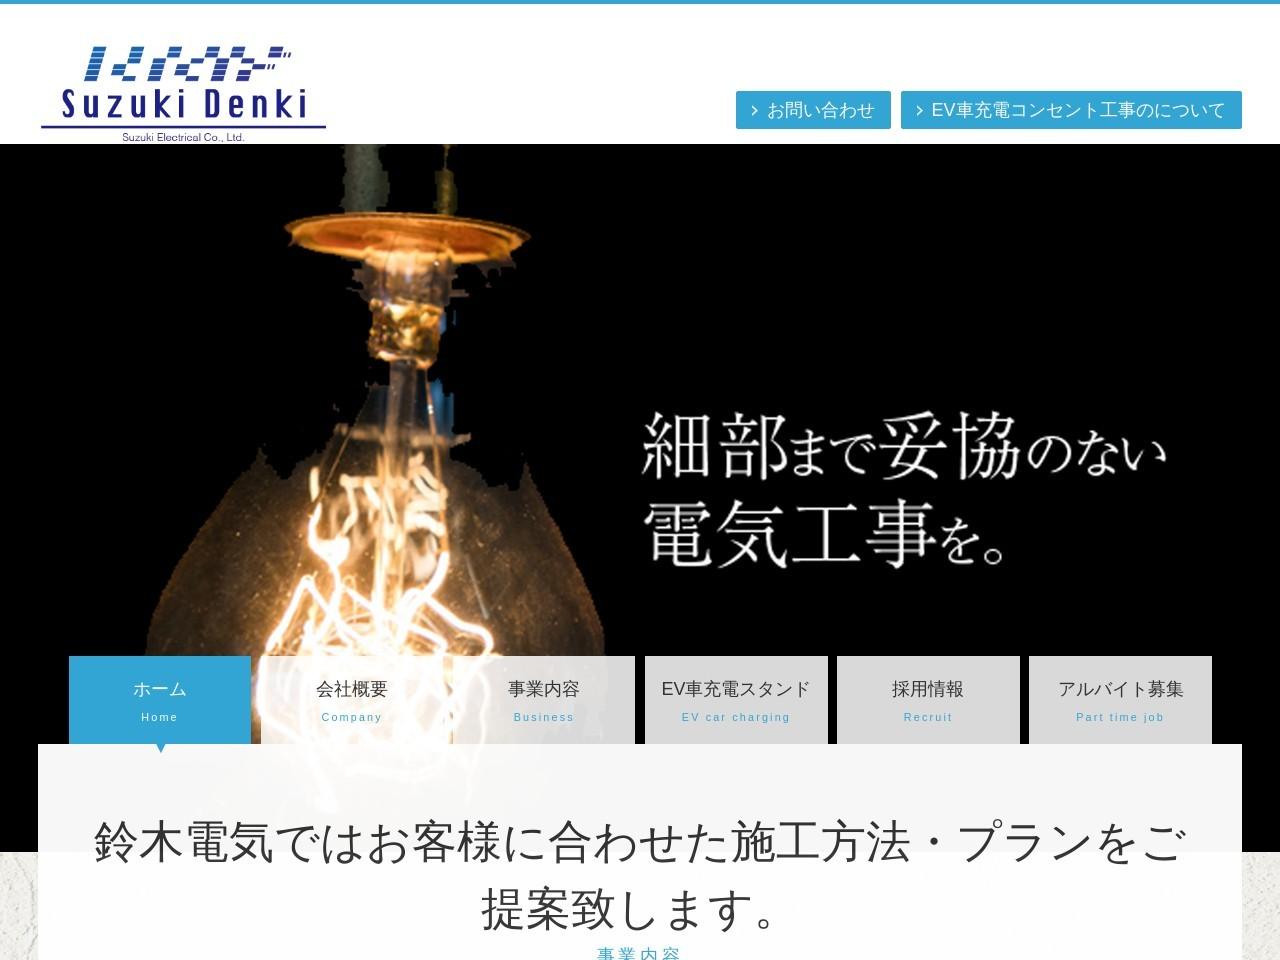 株式会社鈴木電気工業所